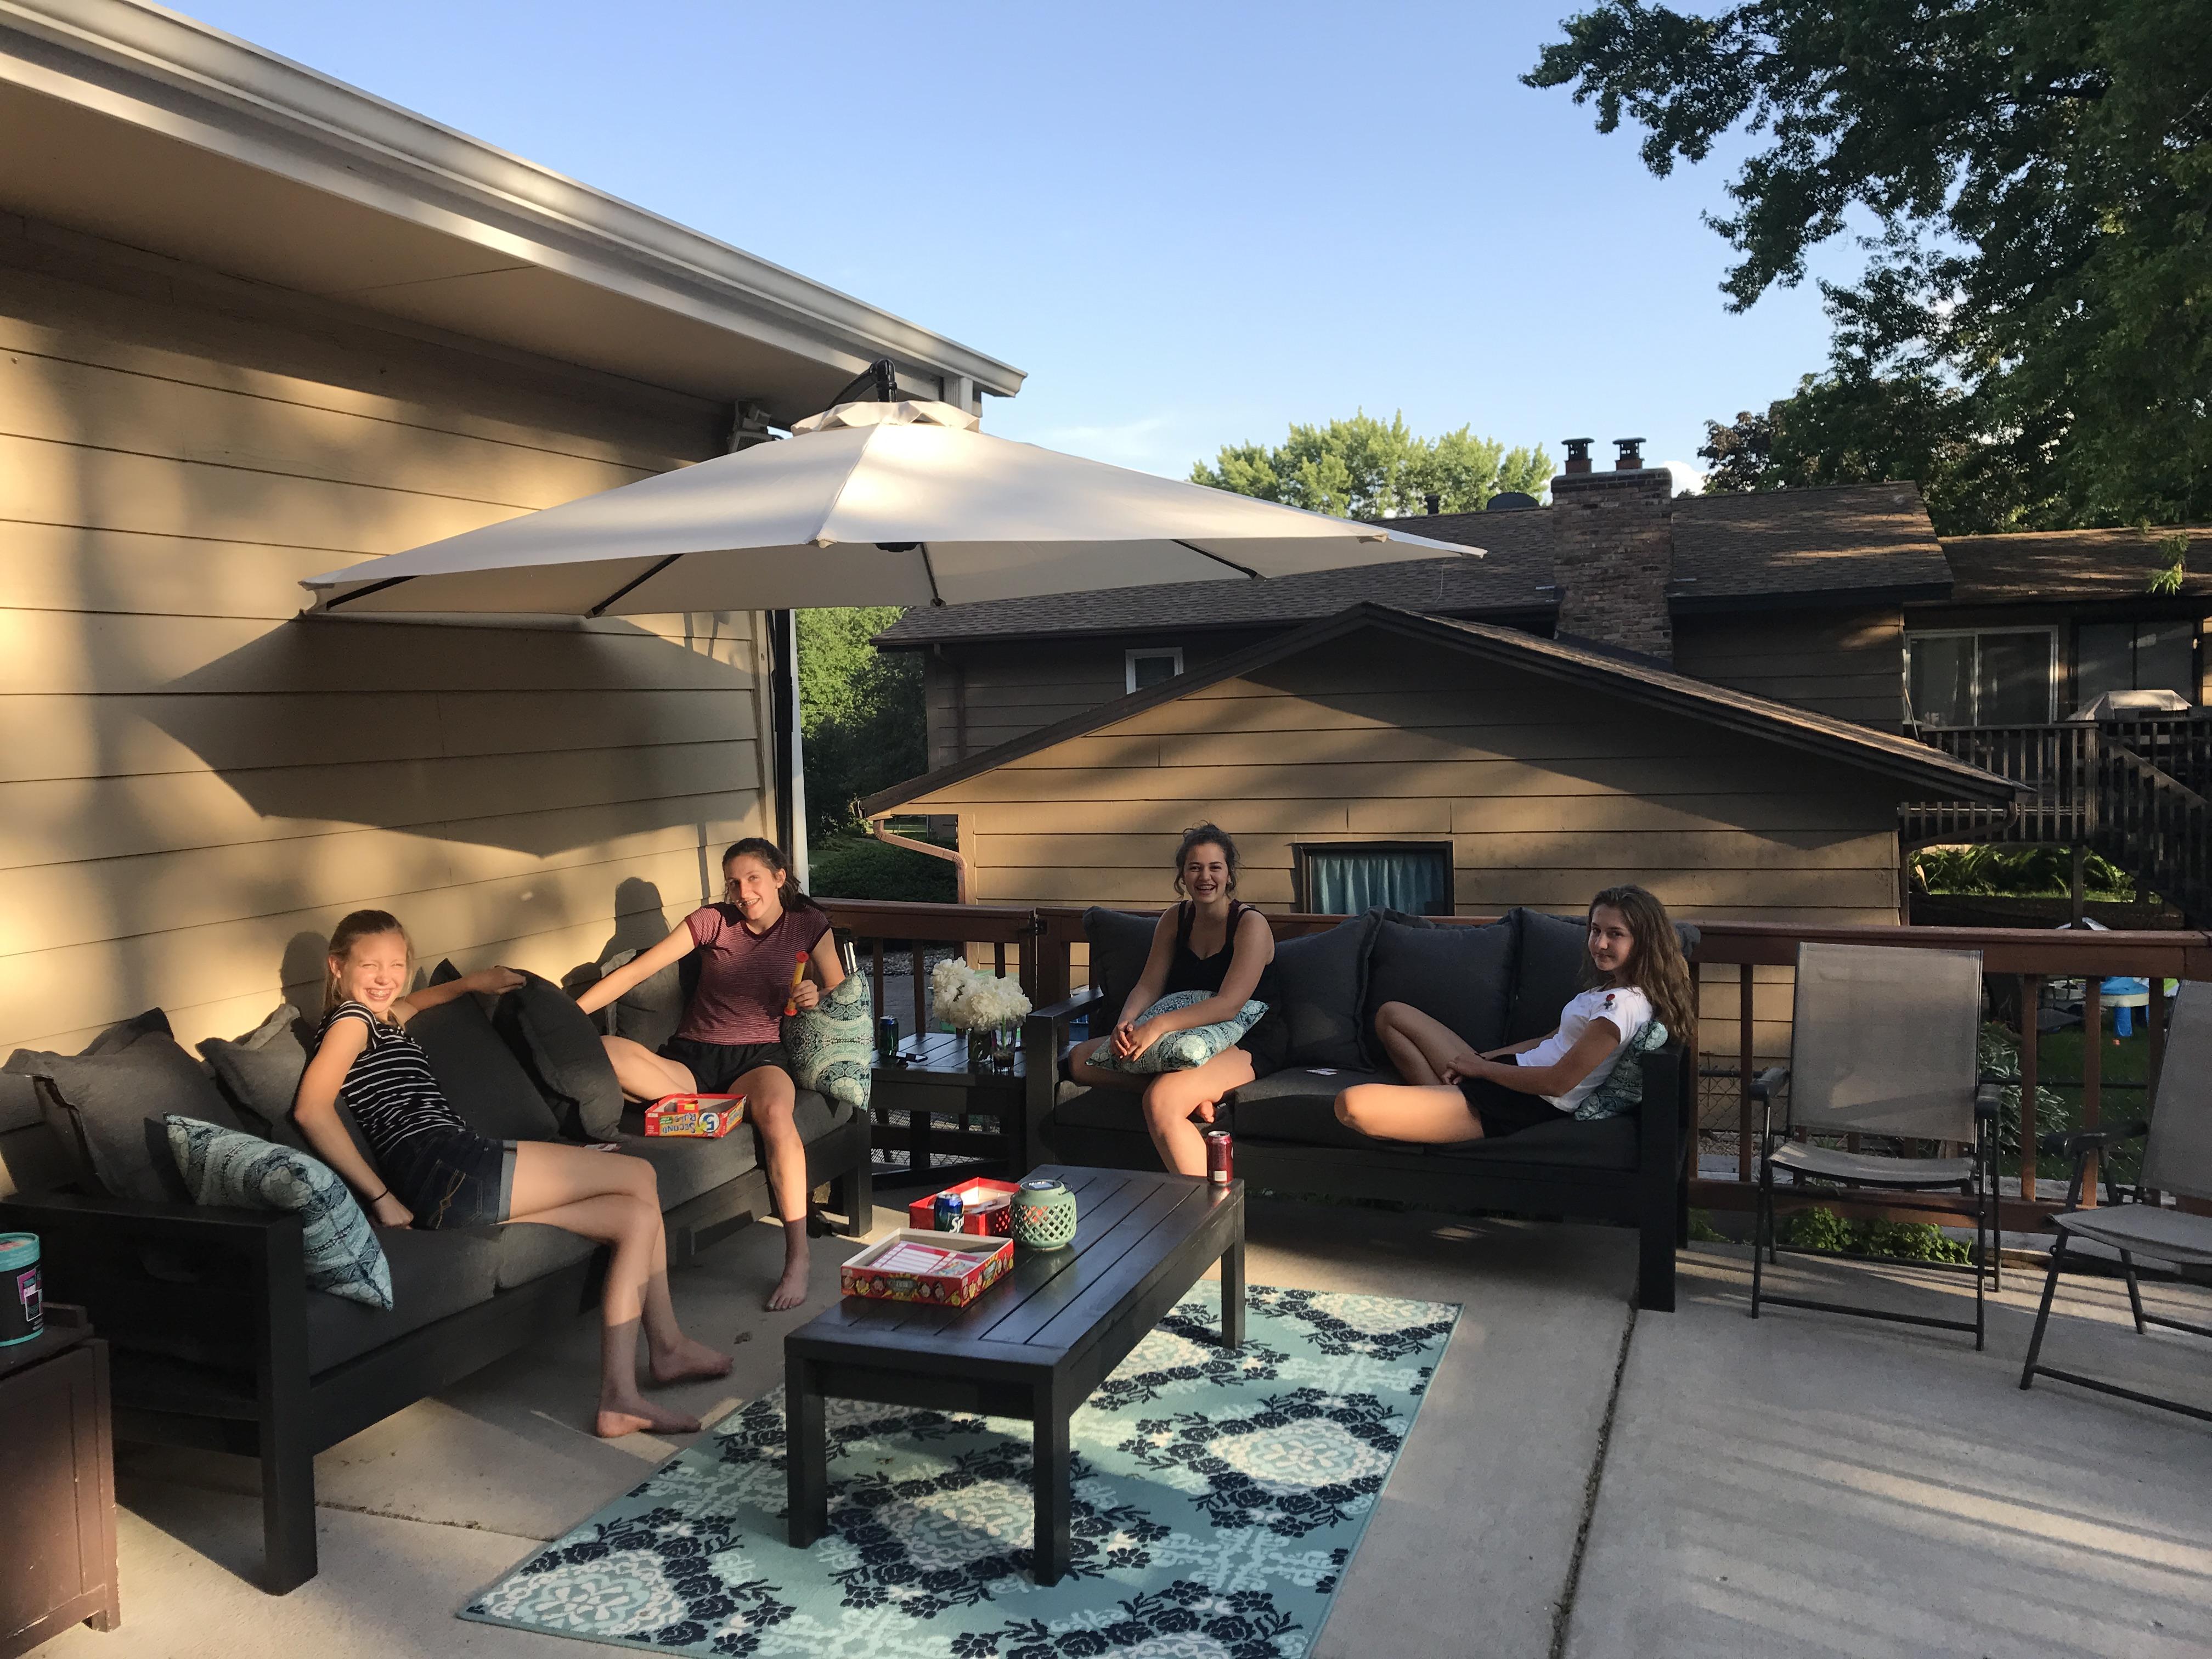 2x4 outdoor patio furniture set ana white